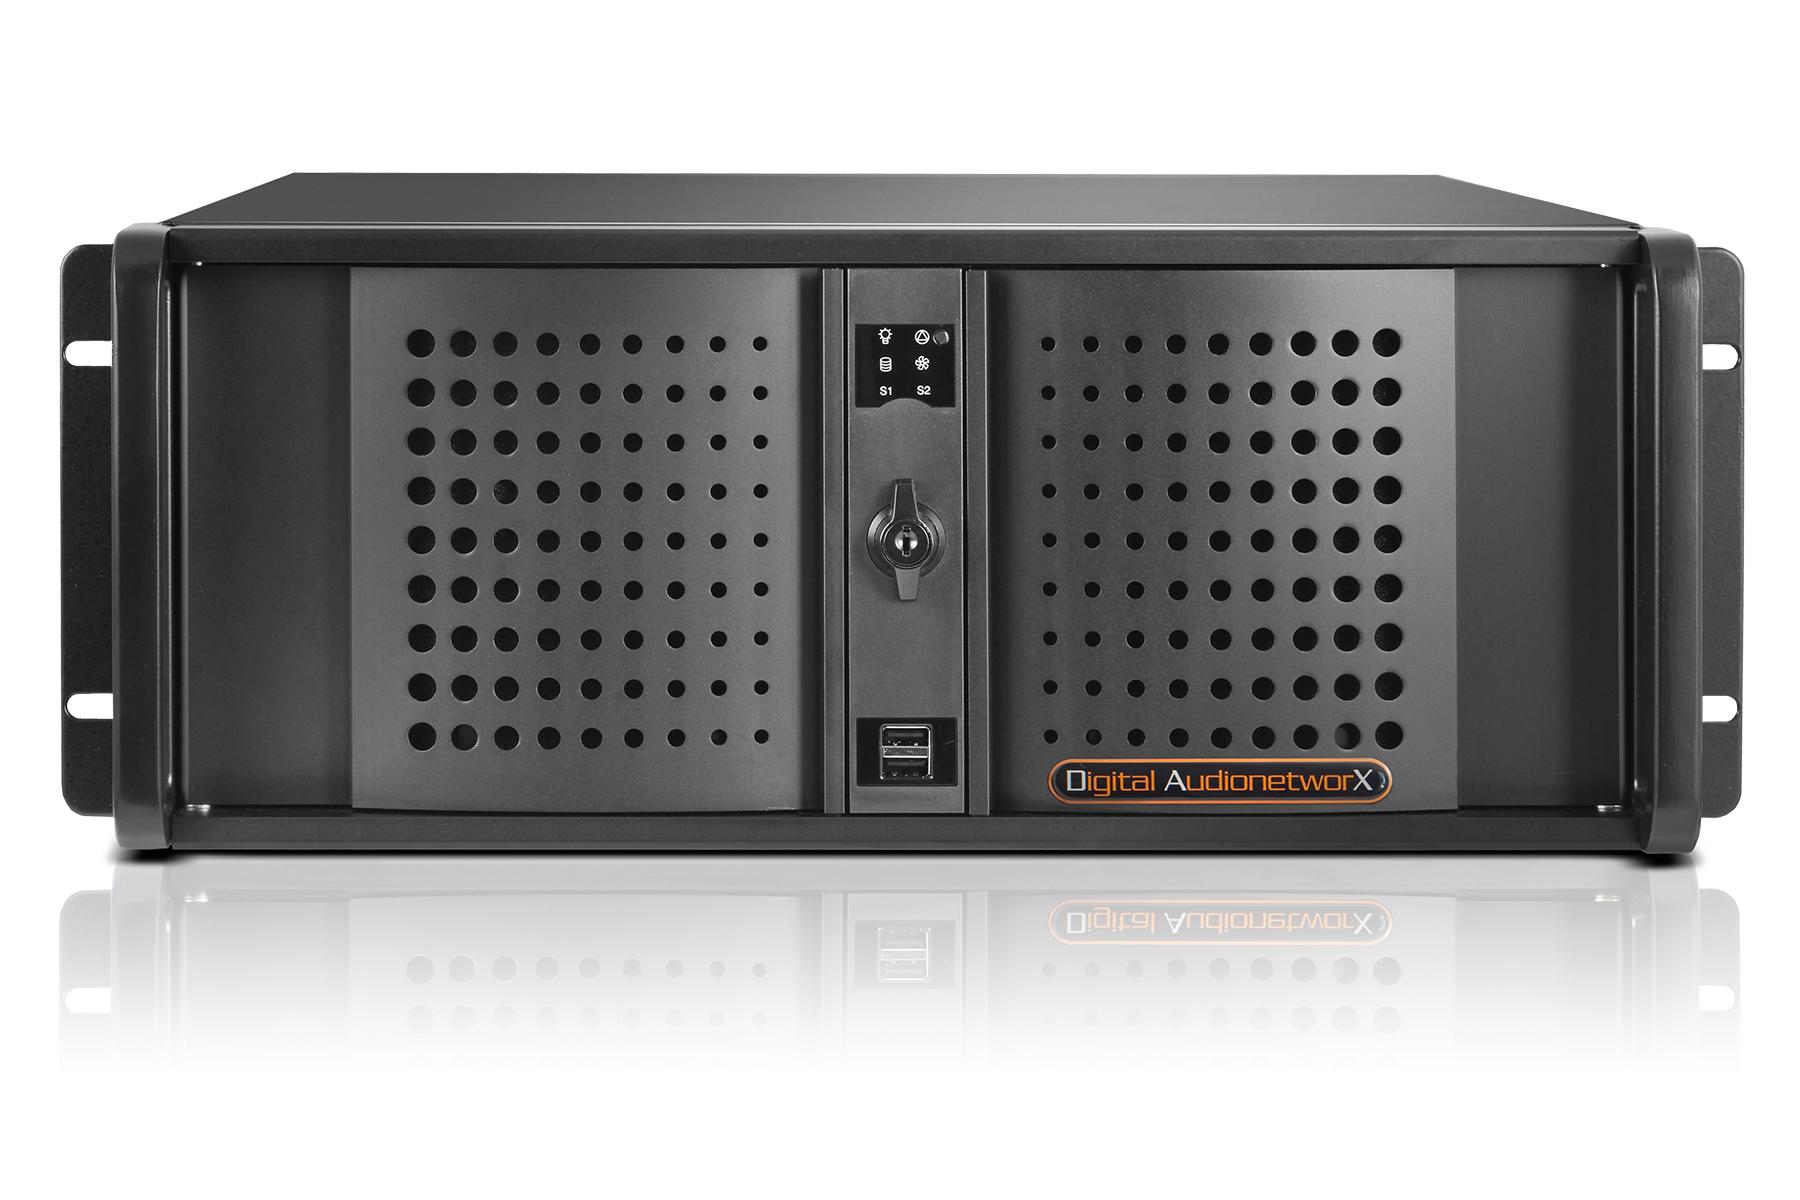 News: Digital AudionetworX Audio Workstation Extreme mit Intel 9000X-Prozessoren verfügbar